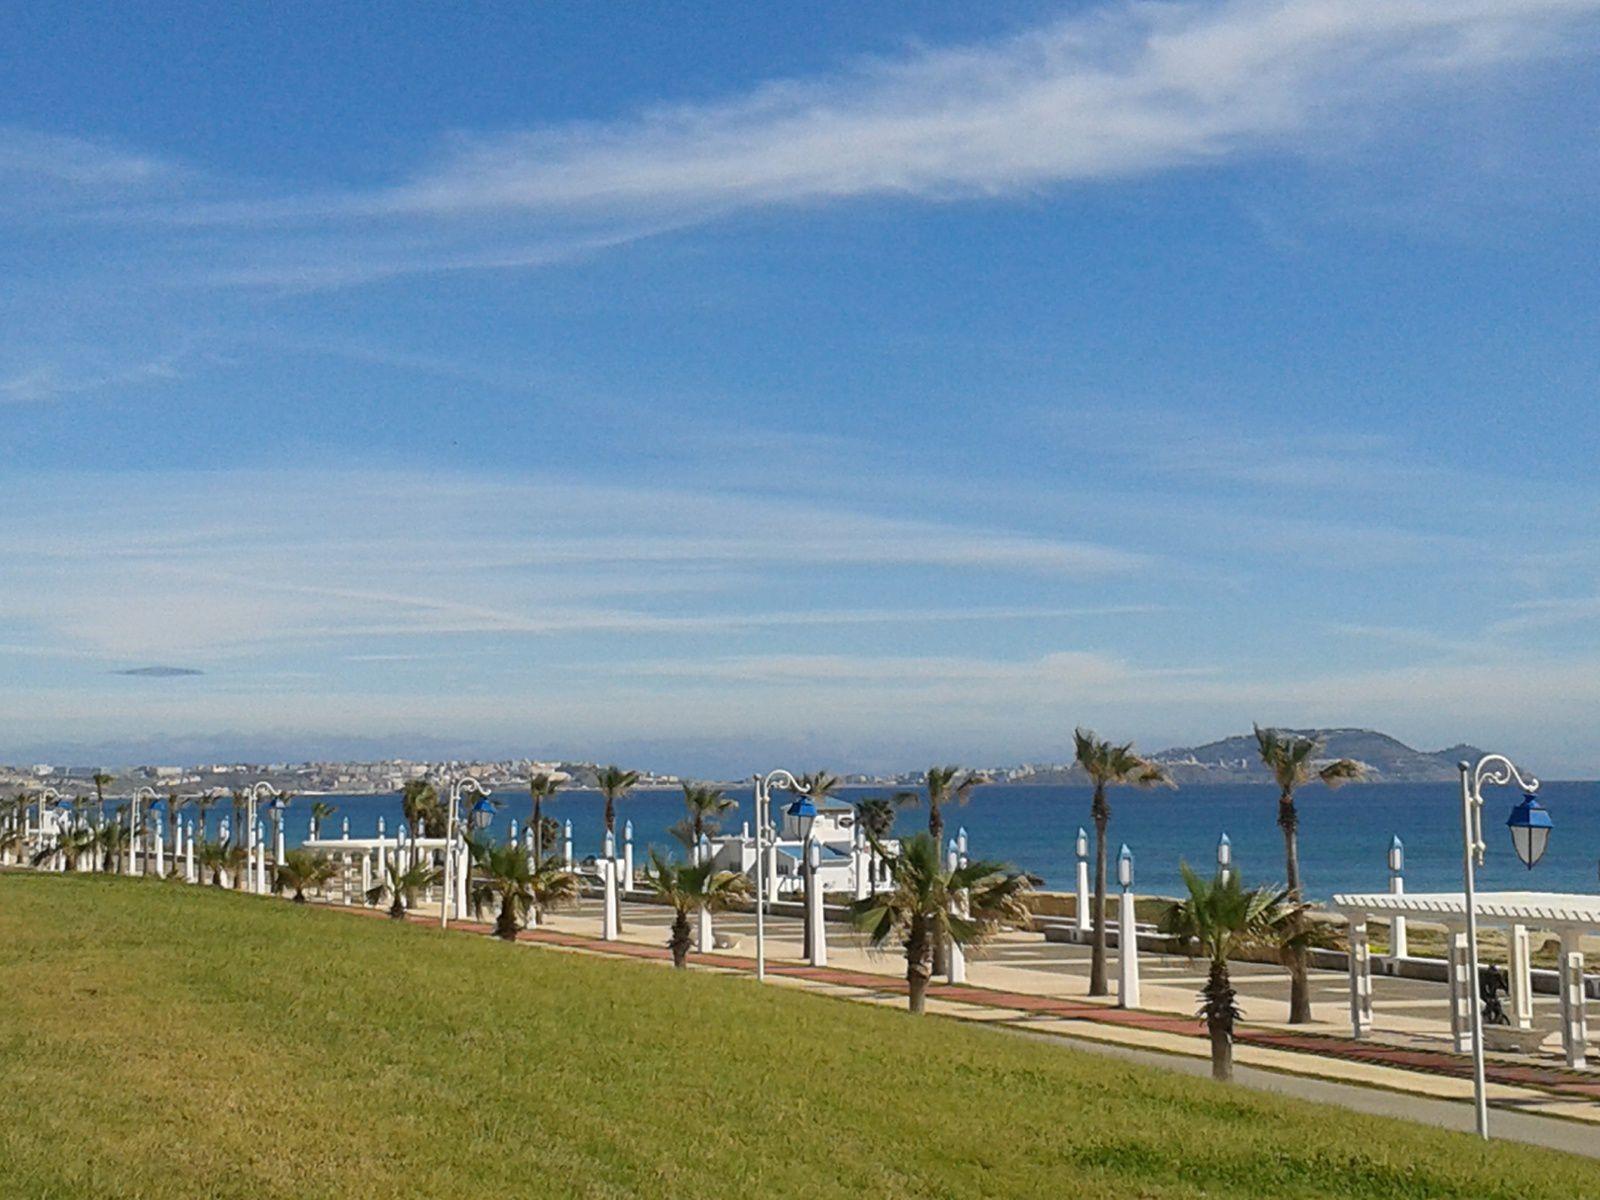 Paysage à la Sortie de Martil - Paysage entre Martil et Ceuta